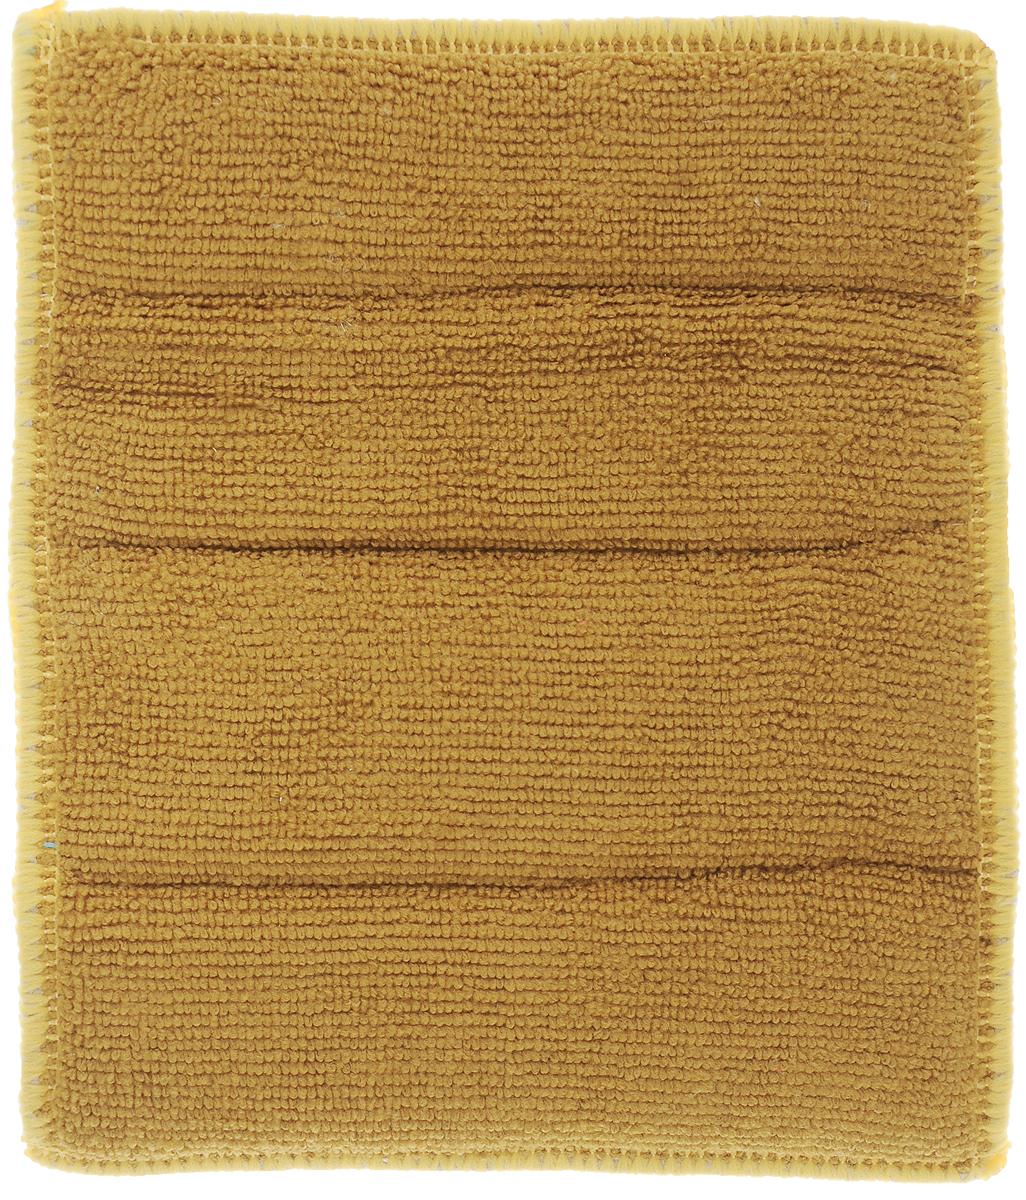 Салфетка для стеклокерамики Хозяюшка Мила, цвет: серебристый, желтый, горчичный, 21 х 17 см4024_серебристый, желтый, горчичныйСалфетка Хозяюшка Мила предназначена для очистки стеклокерамики от пыли, пятен, жира, копоти, а также для полировки и придания блеска без царапин. Для бережного ухода и качественной очистки салфетка оснащена двусторонней поверхностью. Шероховатая сторона салфетки разработана для качественной очистки поверхности плиты от загрязнений. Гладкая сторона салфетки полирует поверхность, придавая ей блеск.